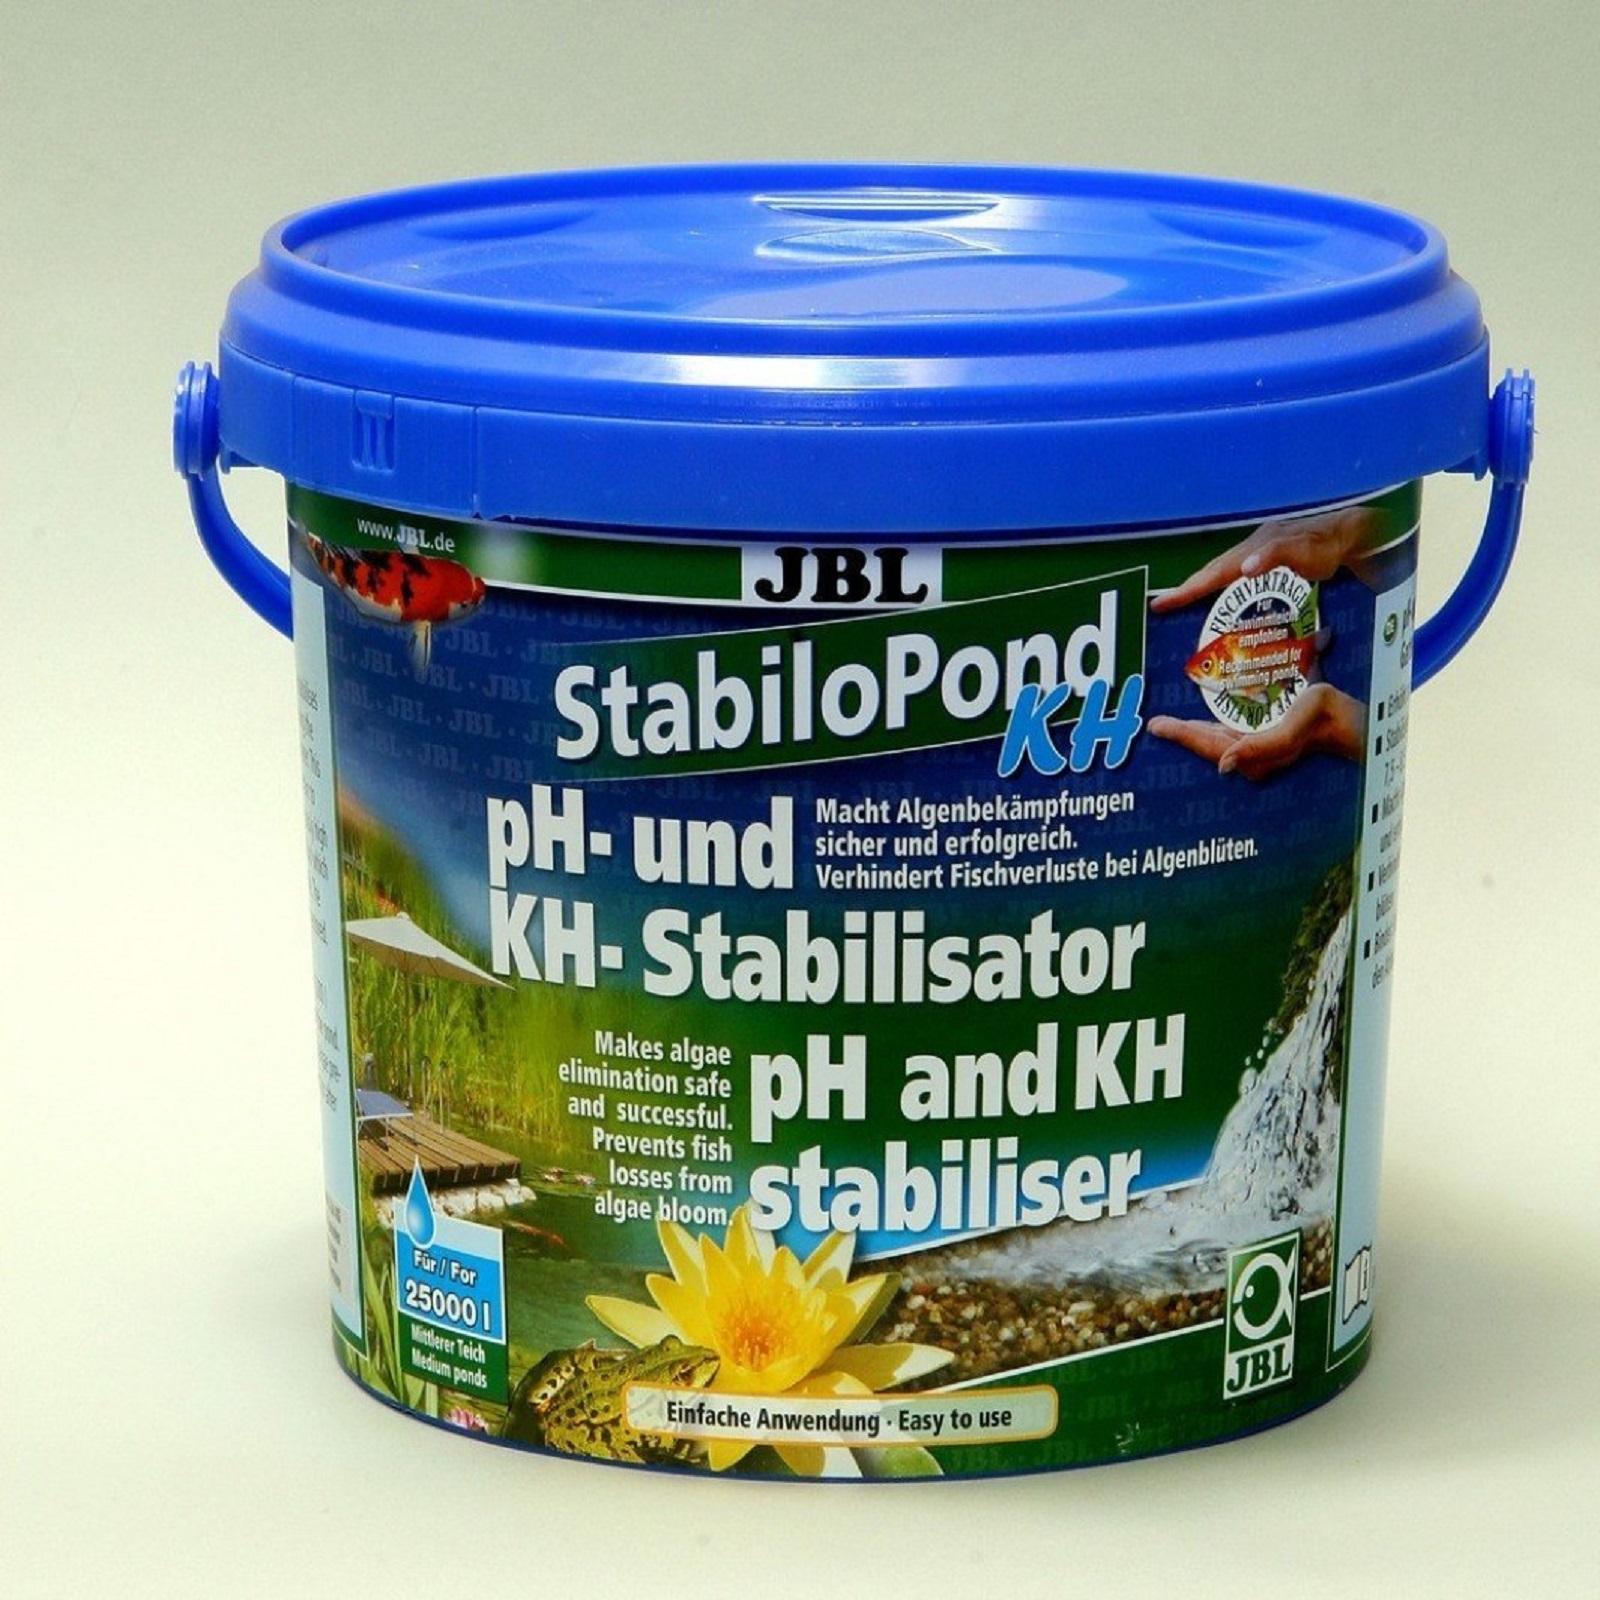 JBL StabiloPond KH 2,5 kg sichere Algenbekämpfung Stabilisator ph + KH